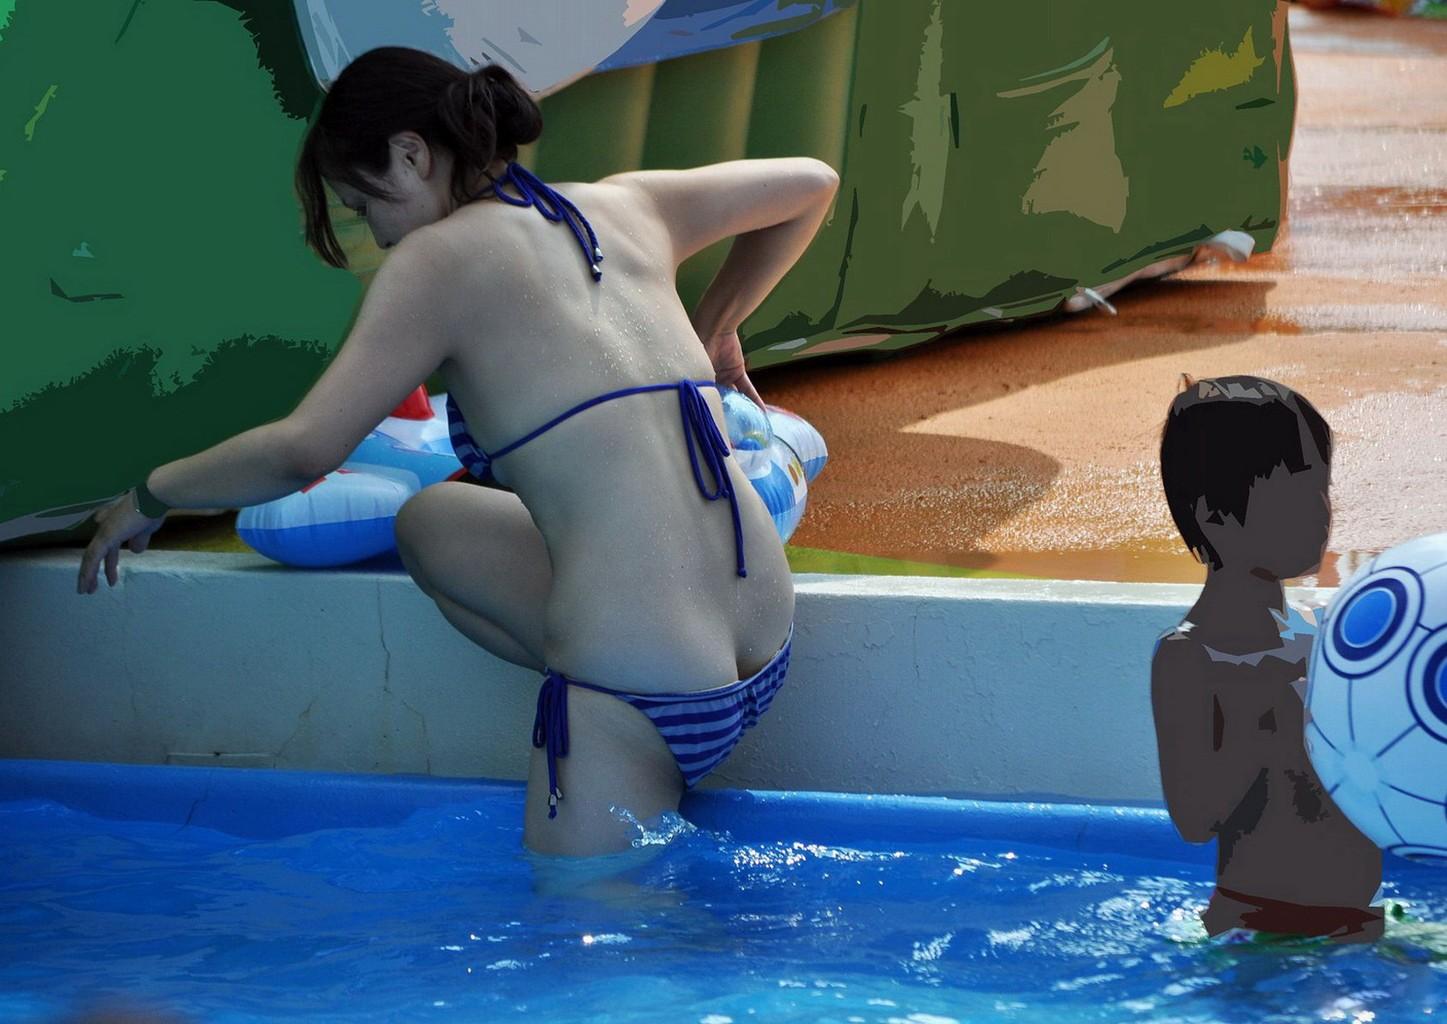 【水着ハプニングエロ画像】ビーチでプールでエロハプニング!夏を先取りだぜ!